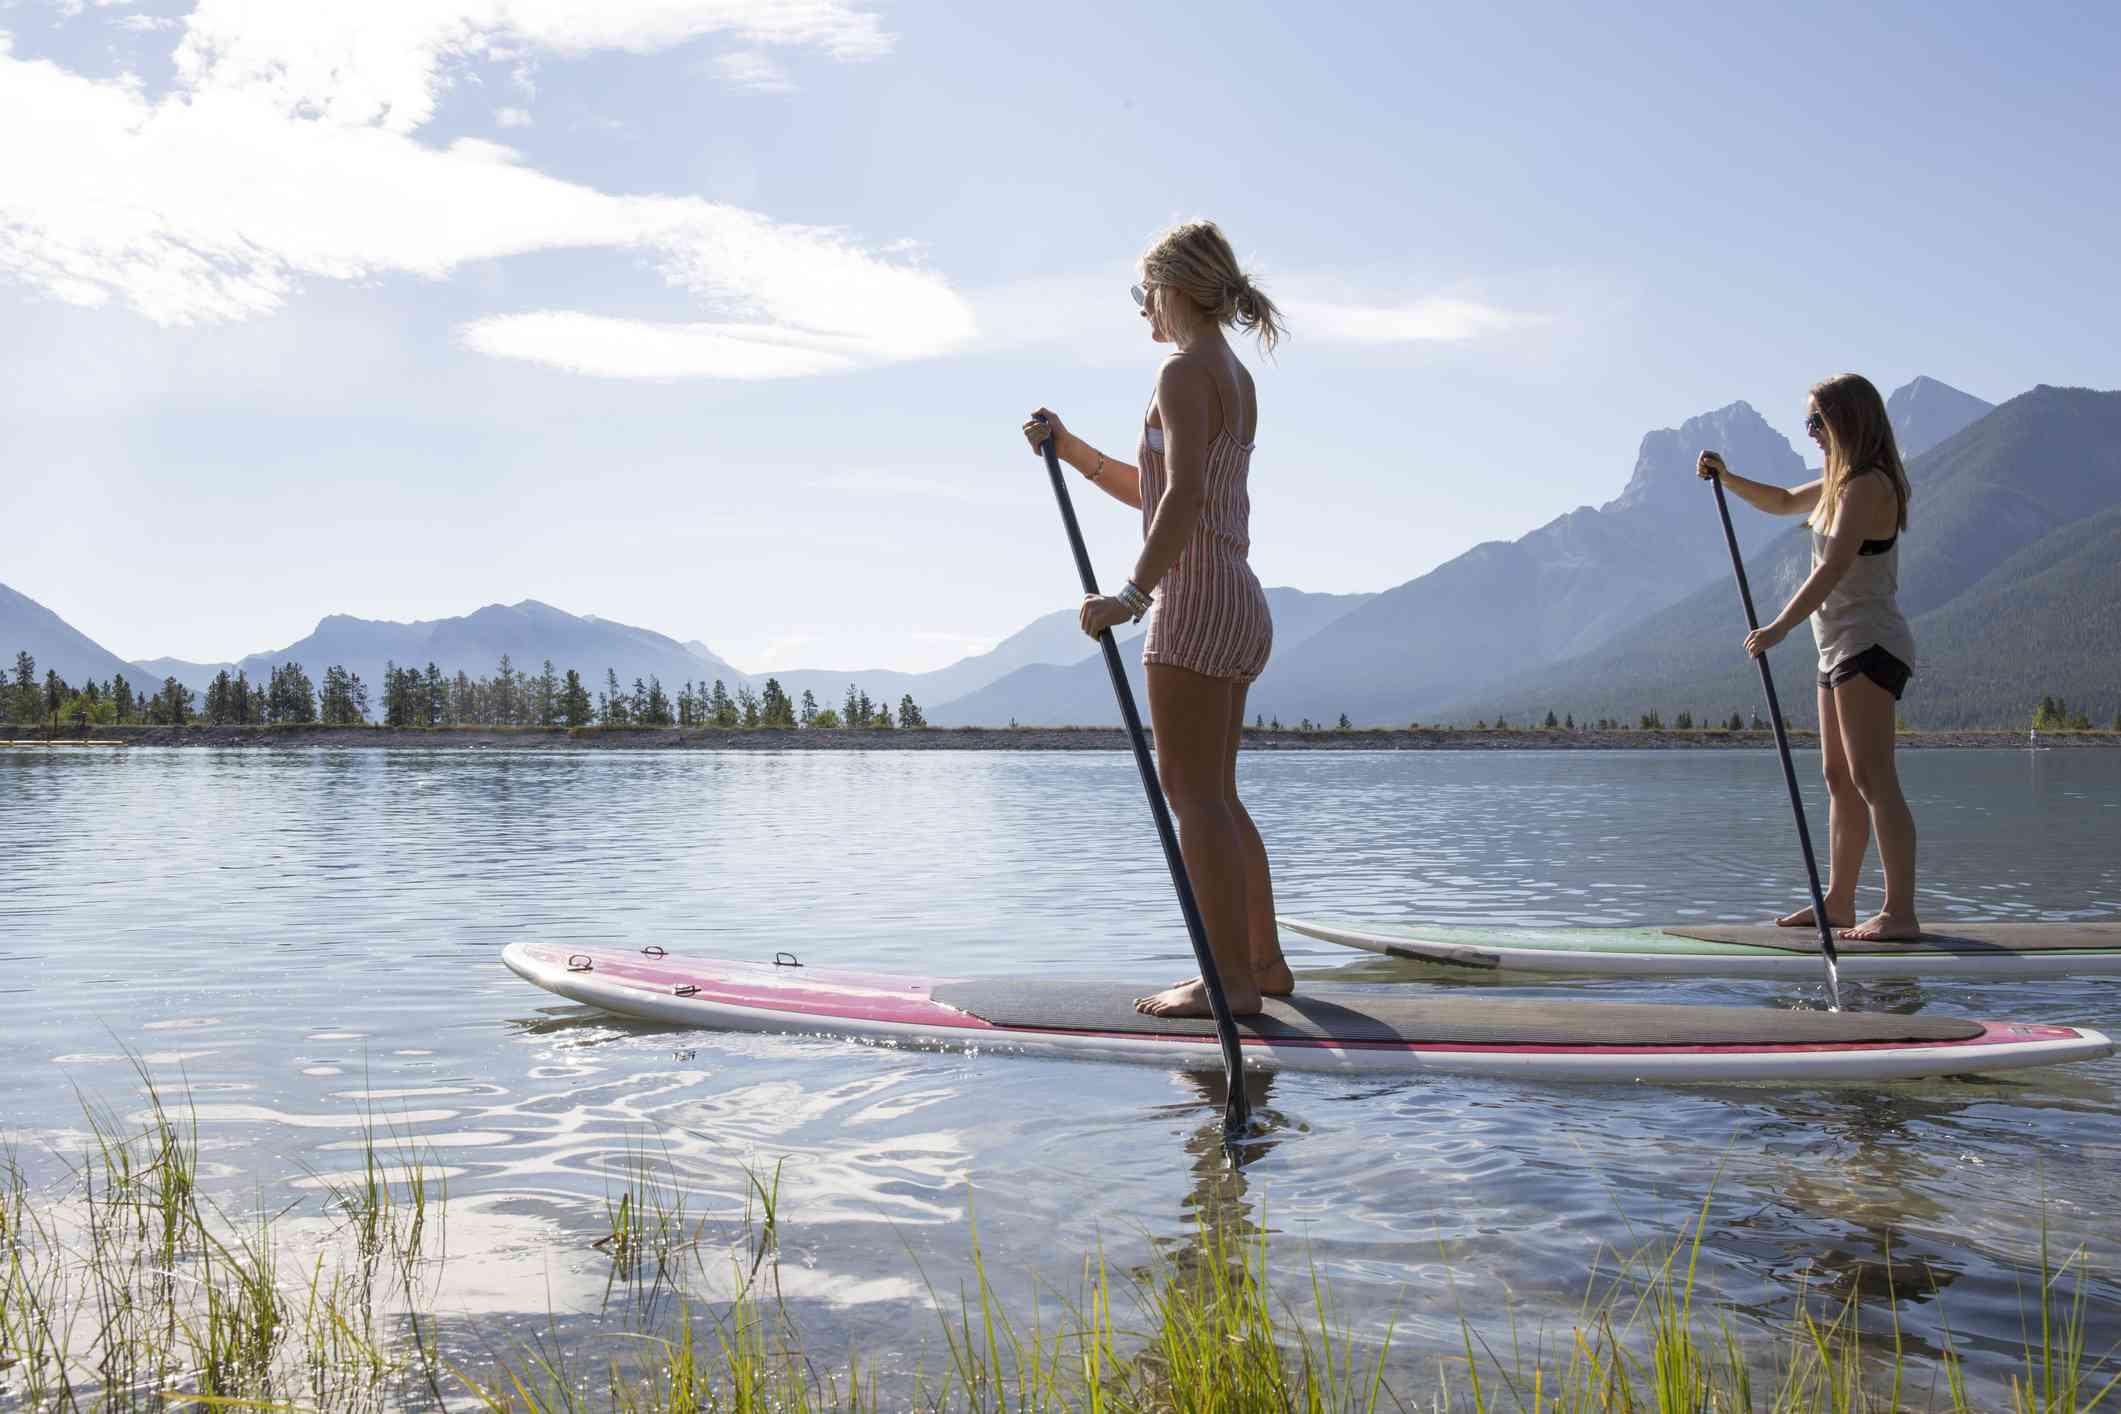 Two women paddle boarding